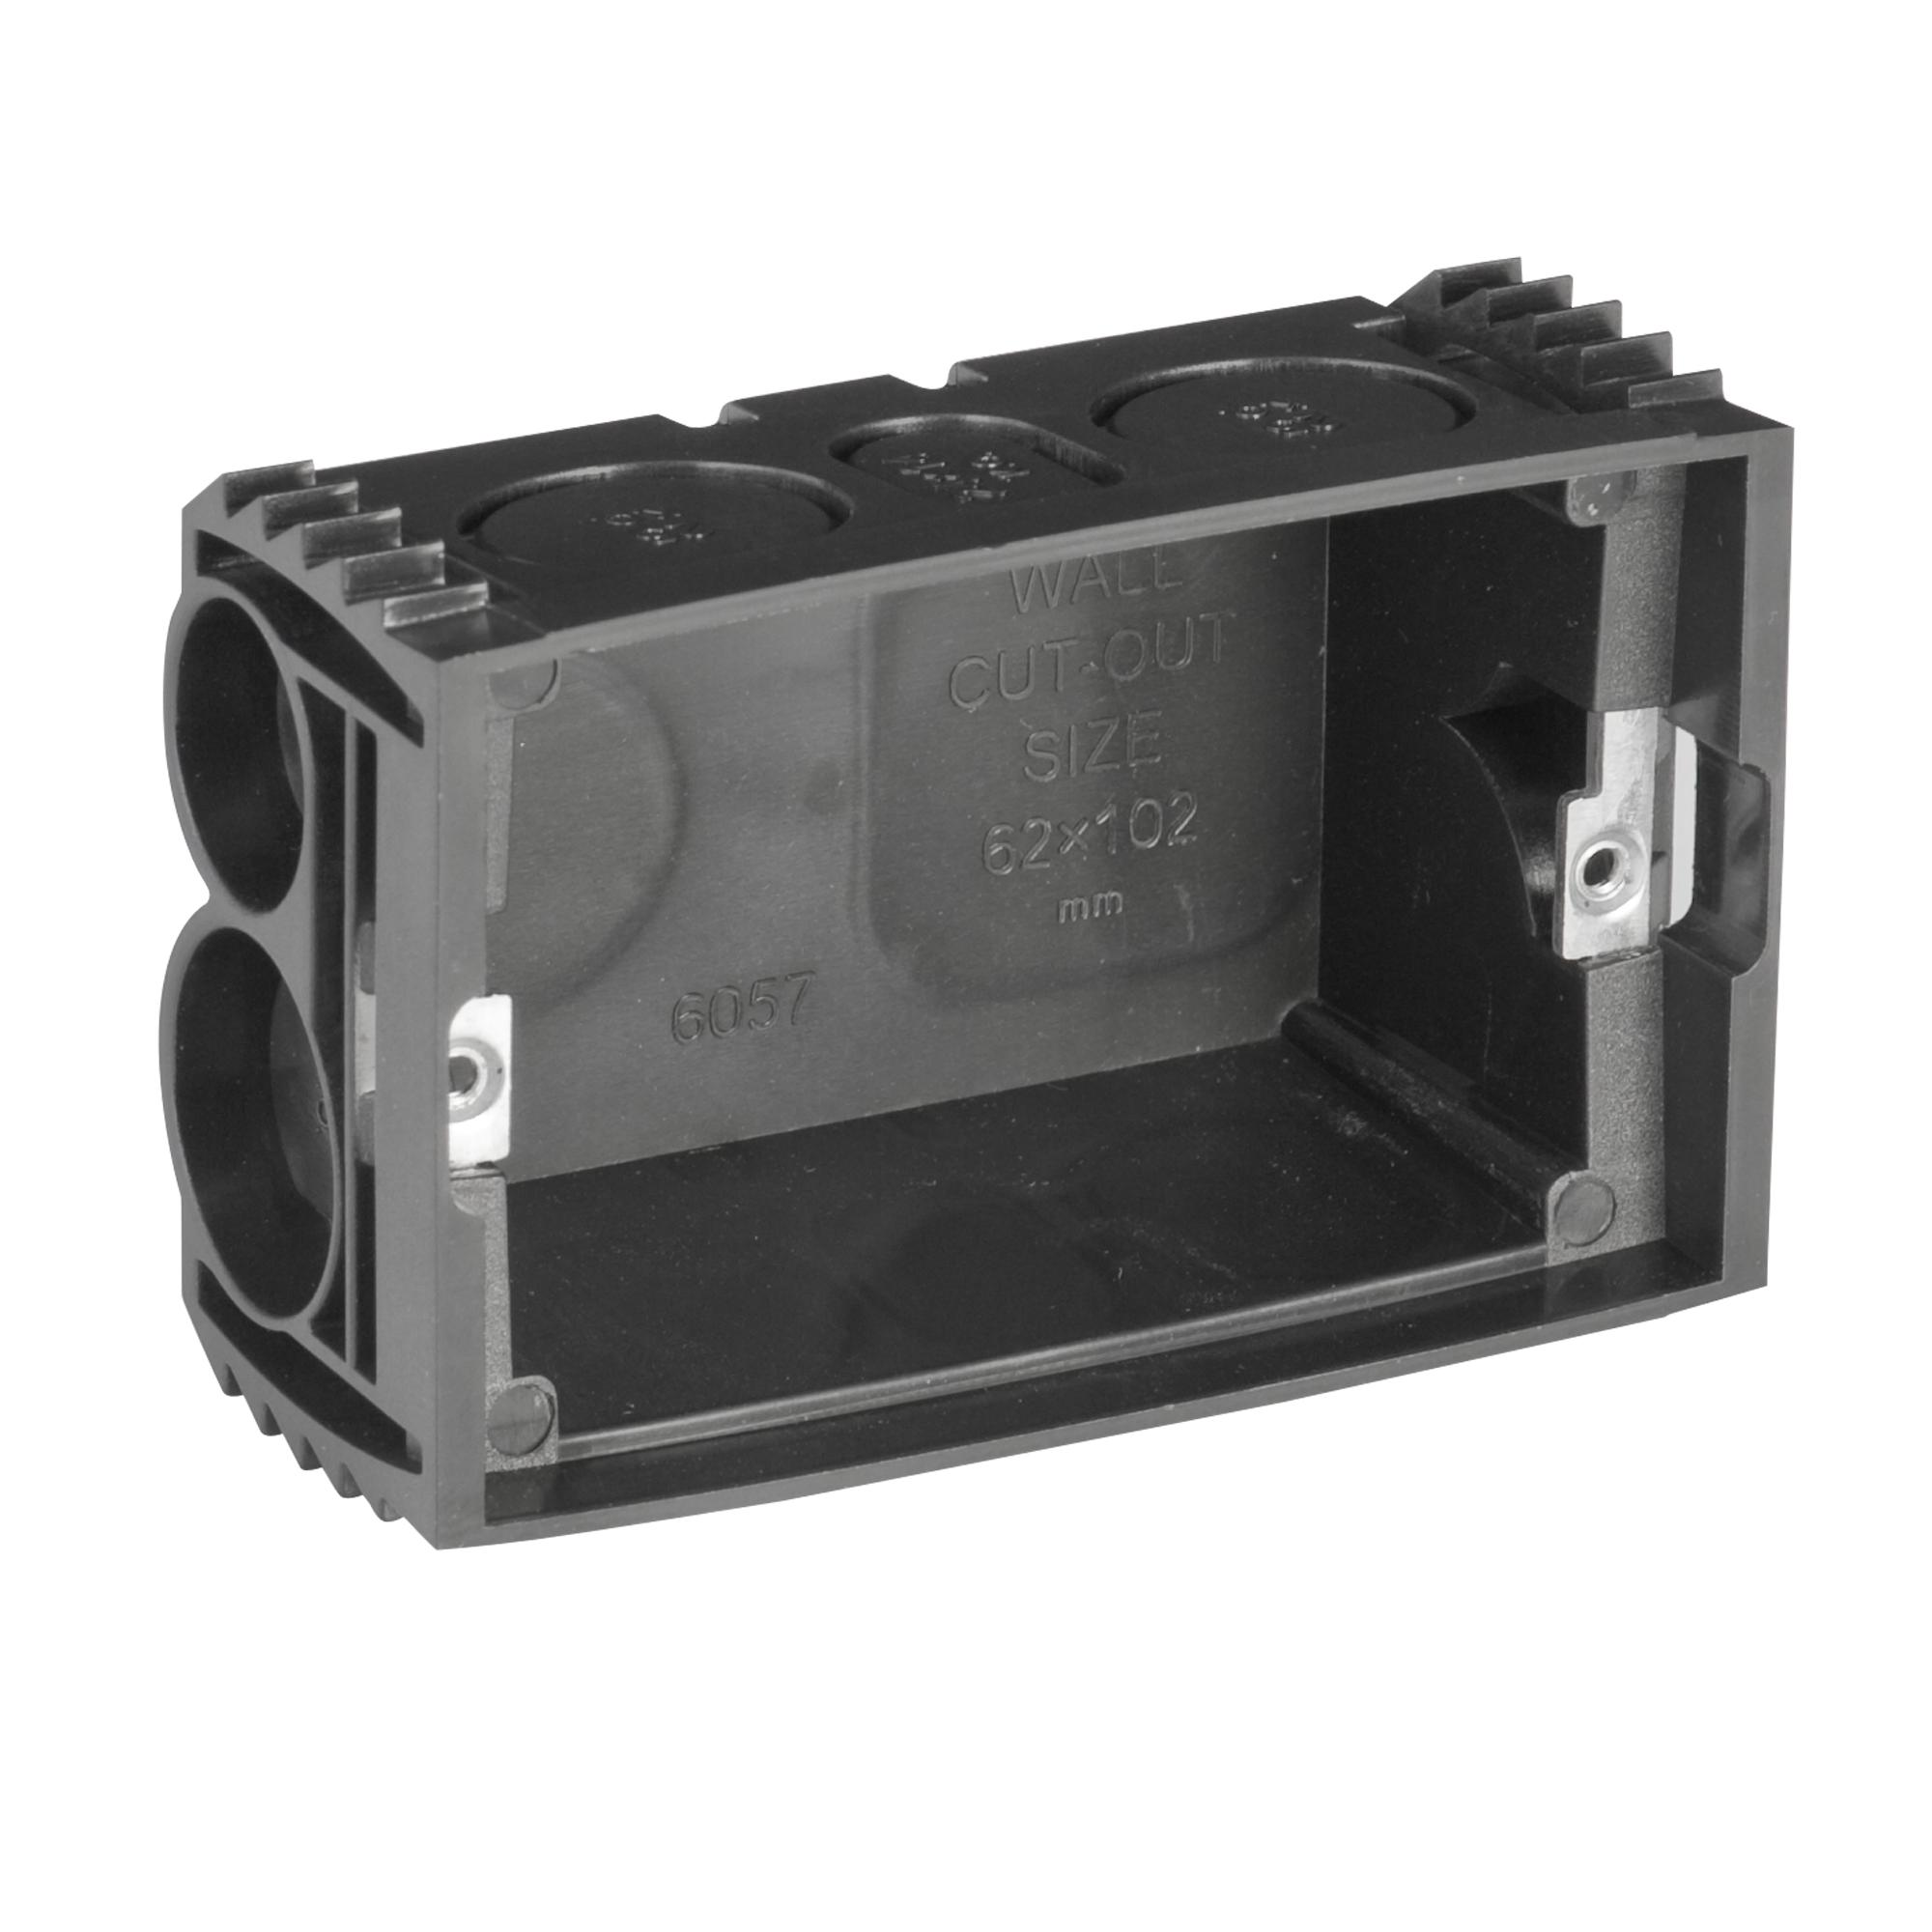 Wall mount box adjustable lugs